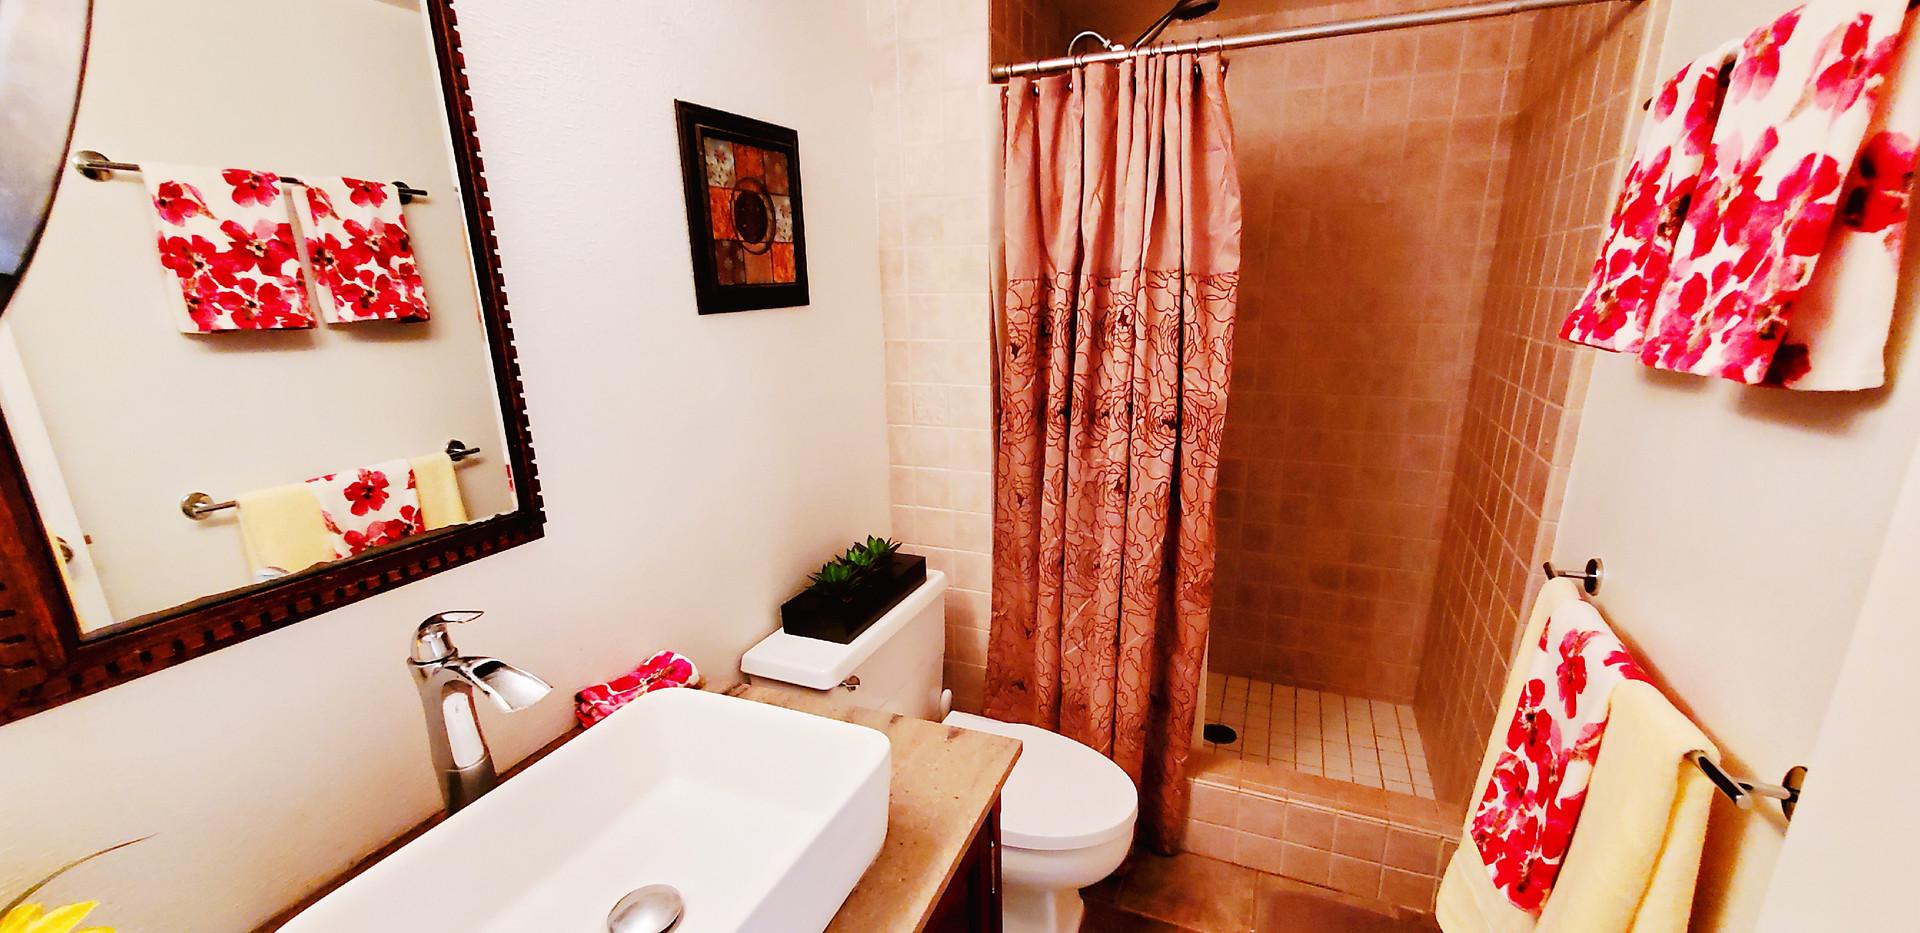 upstair bathroom.jpg